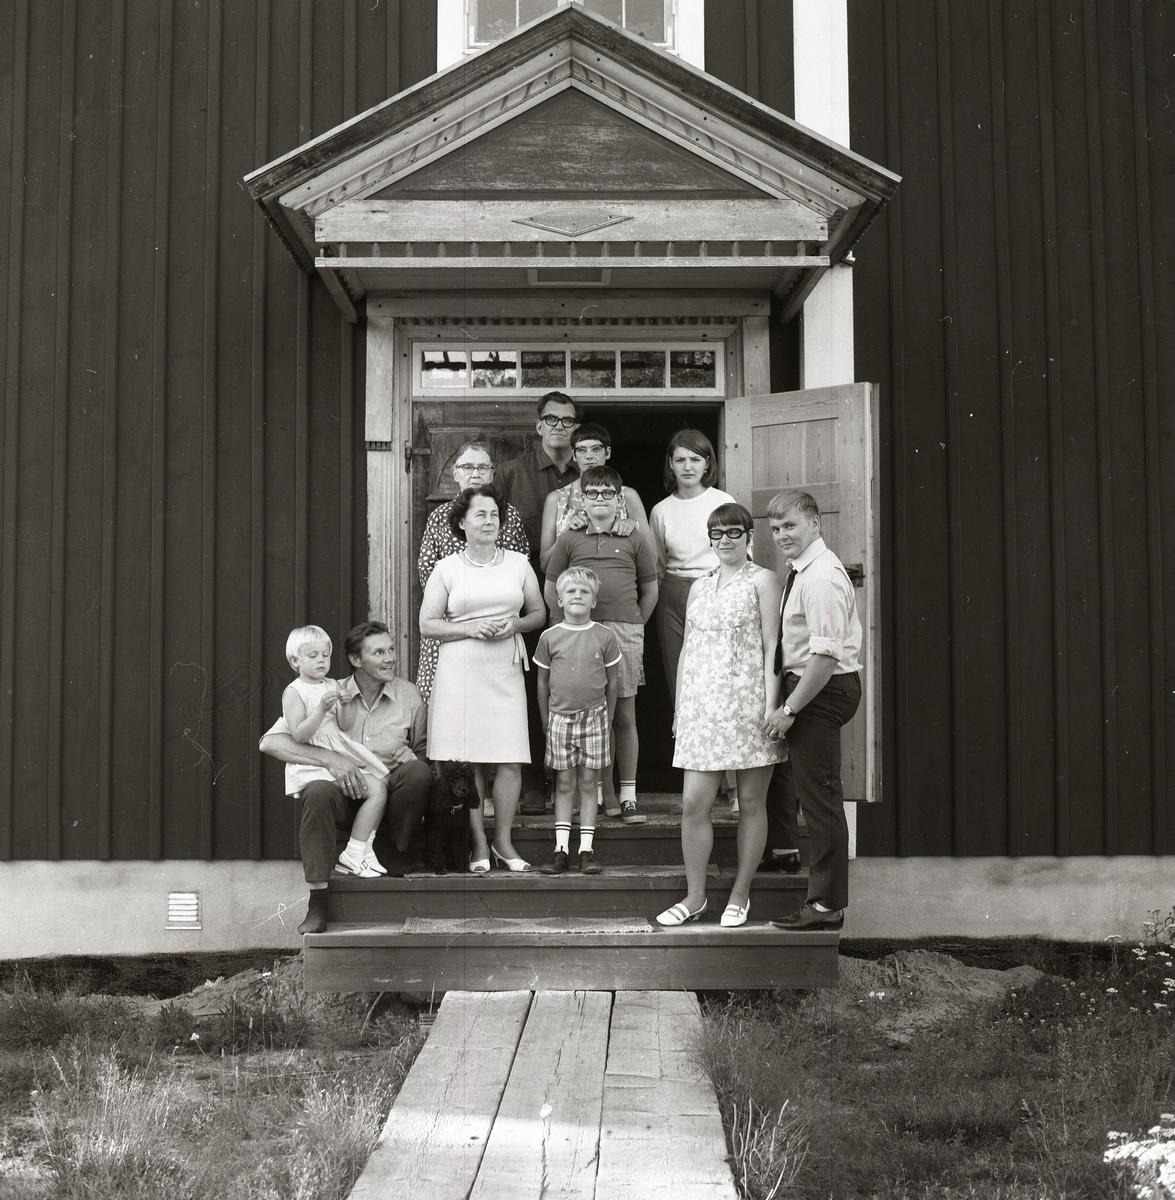 Familjefotografi på trappan till huset på gården Sunnanåker, sommaren 1969.